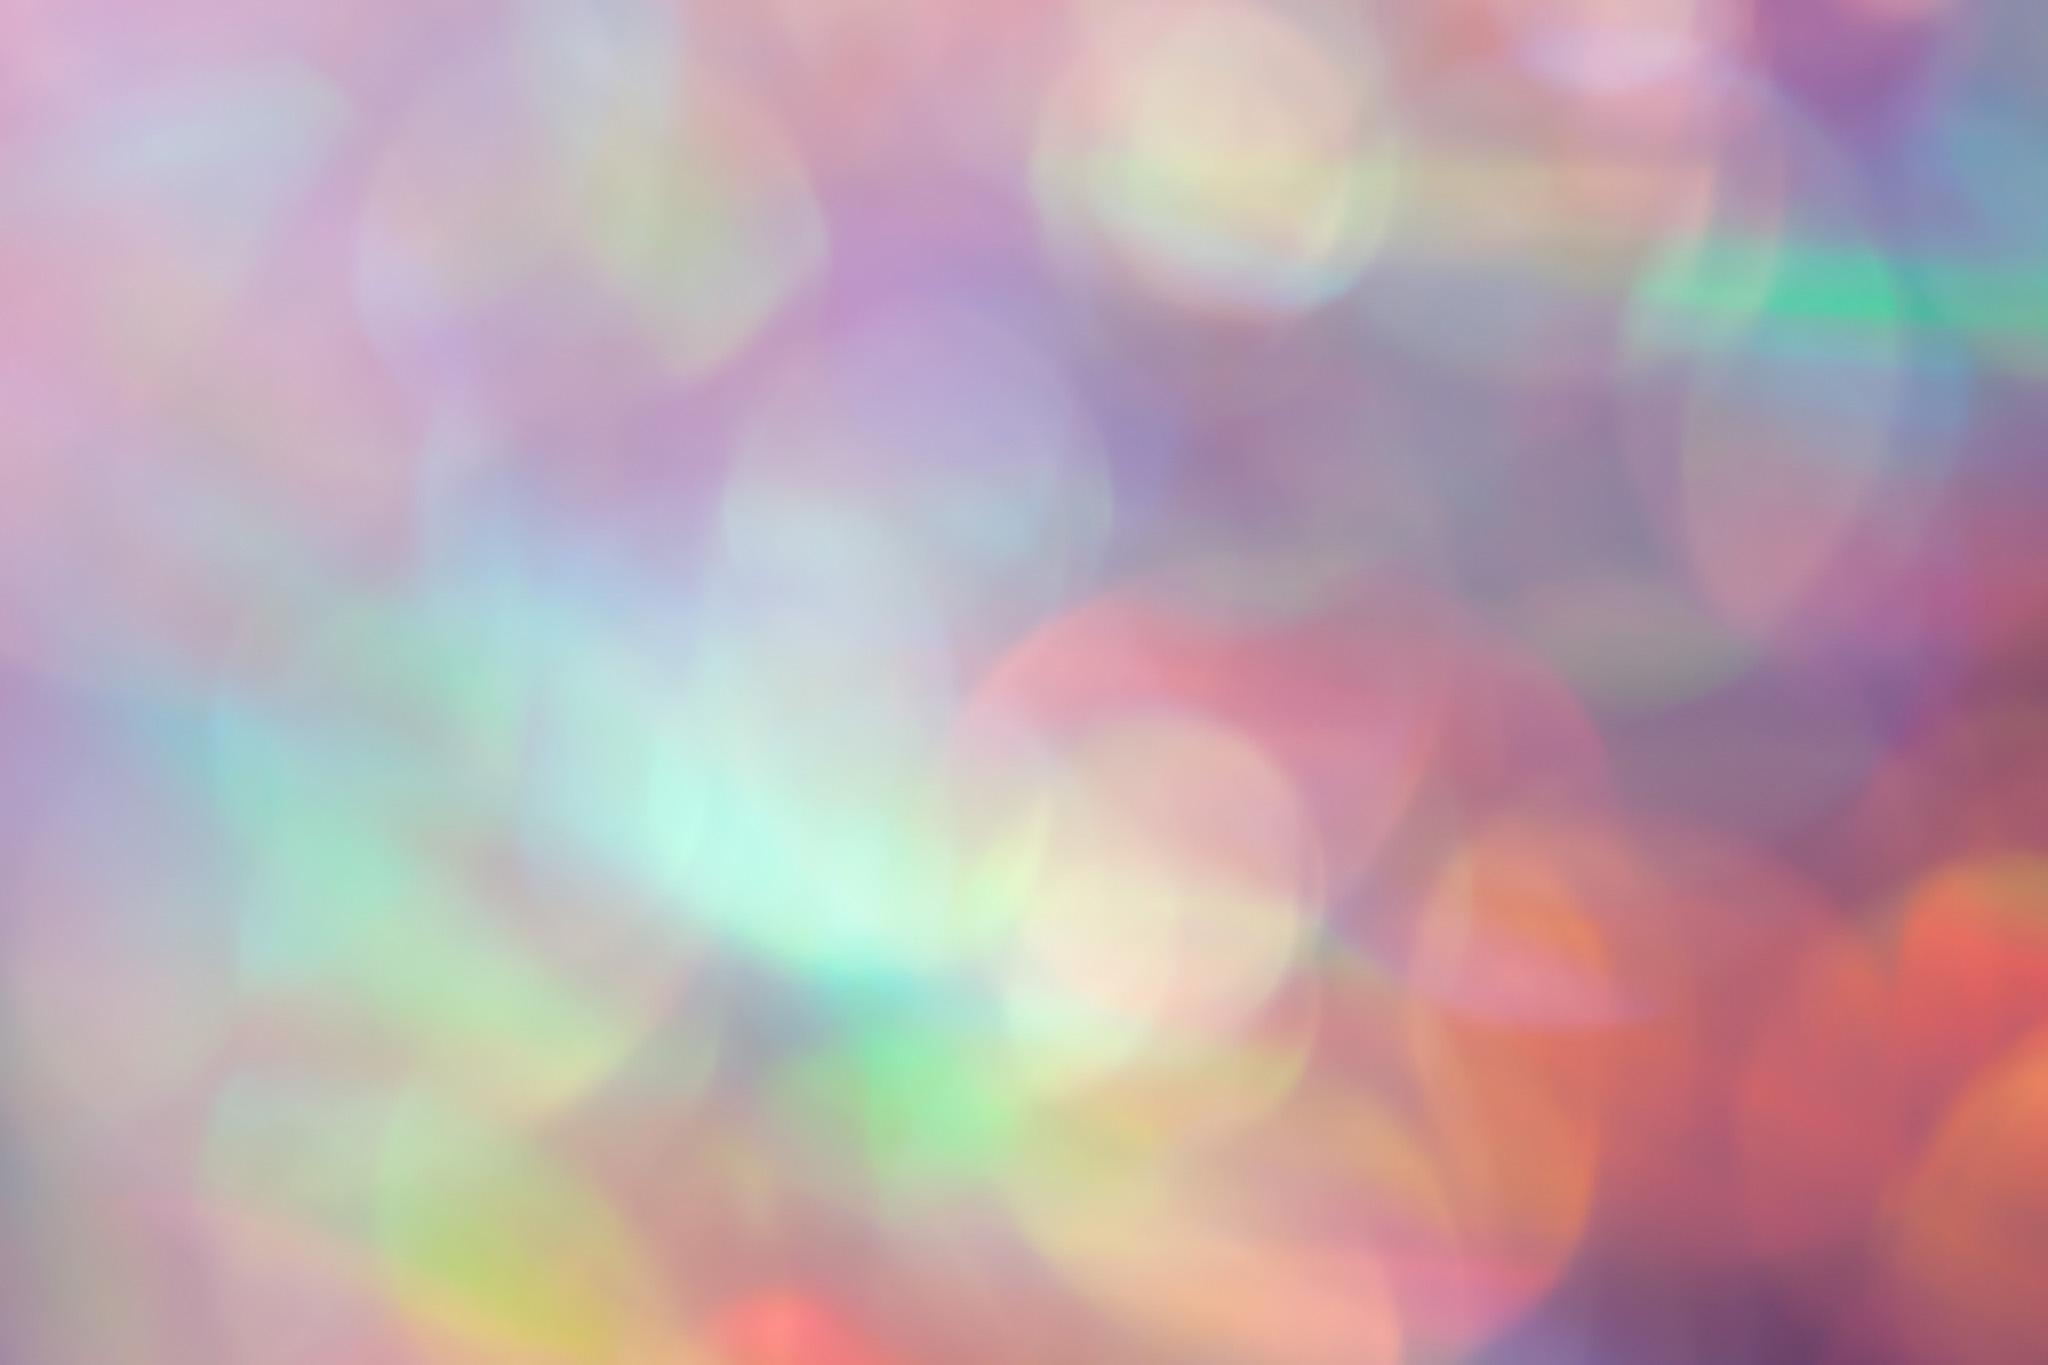 幻想的な光のボケ